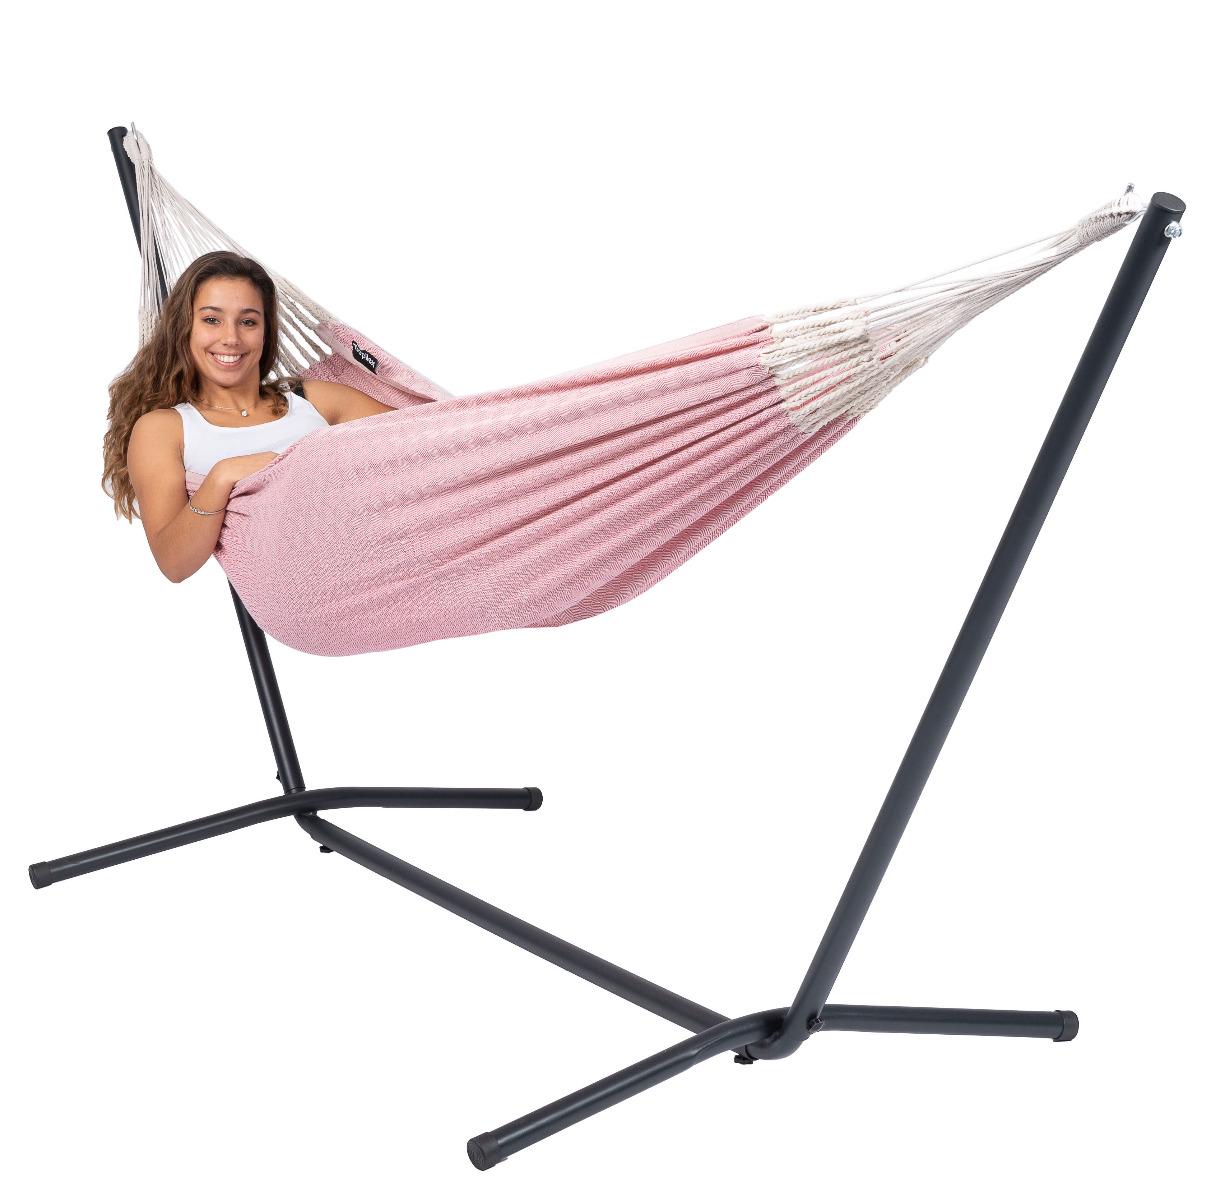 Hangmat 'Natural' Pink - Tropilex �